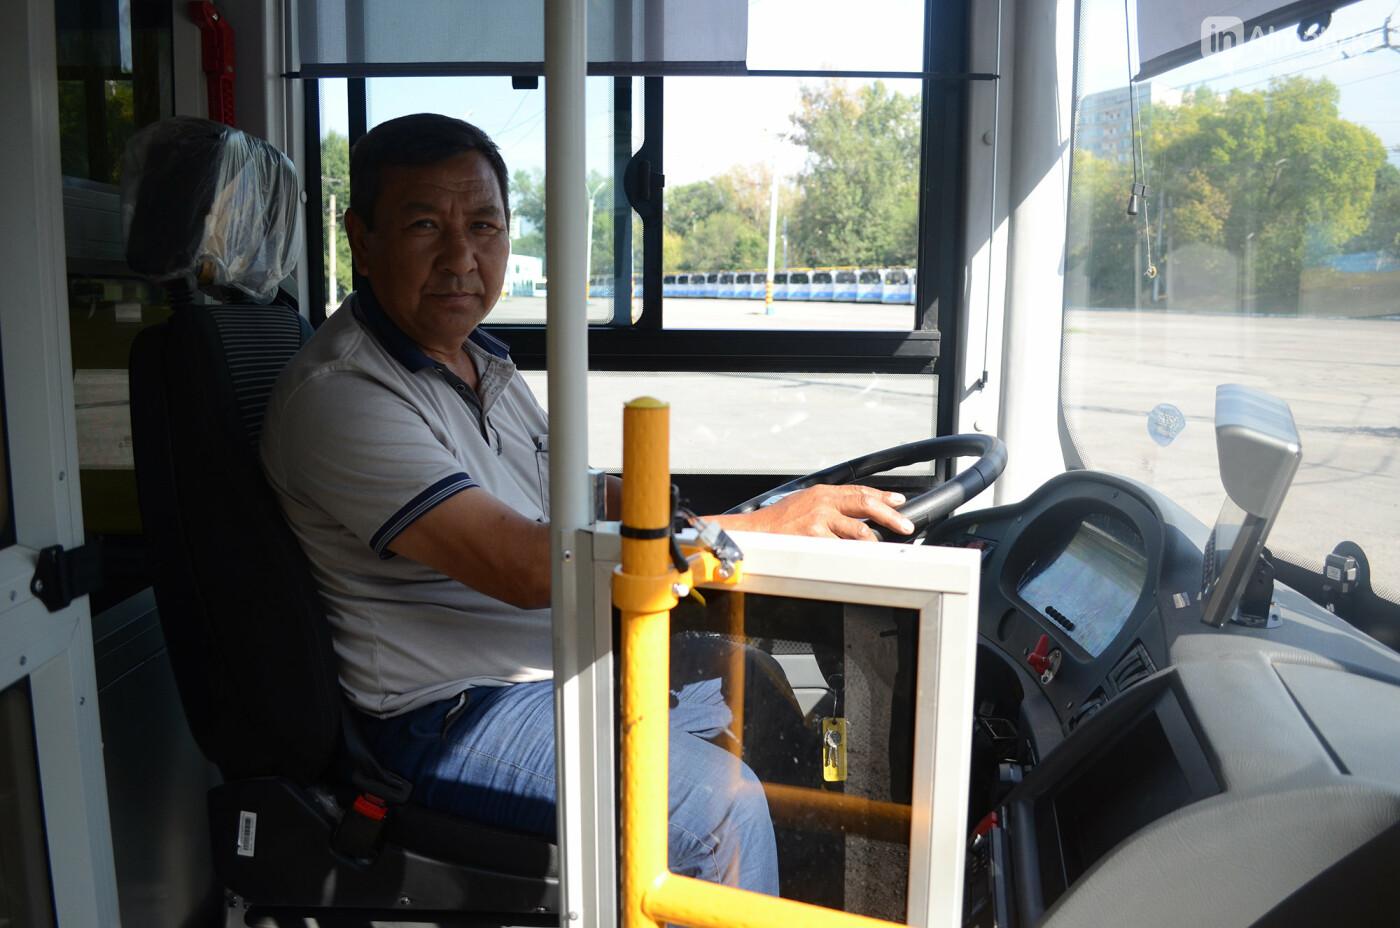 206 новых автобусов выйдут на дороги Алматы до конца октября, фото-2